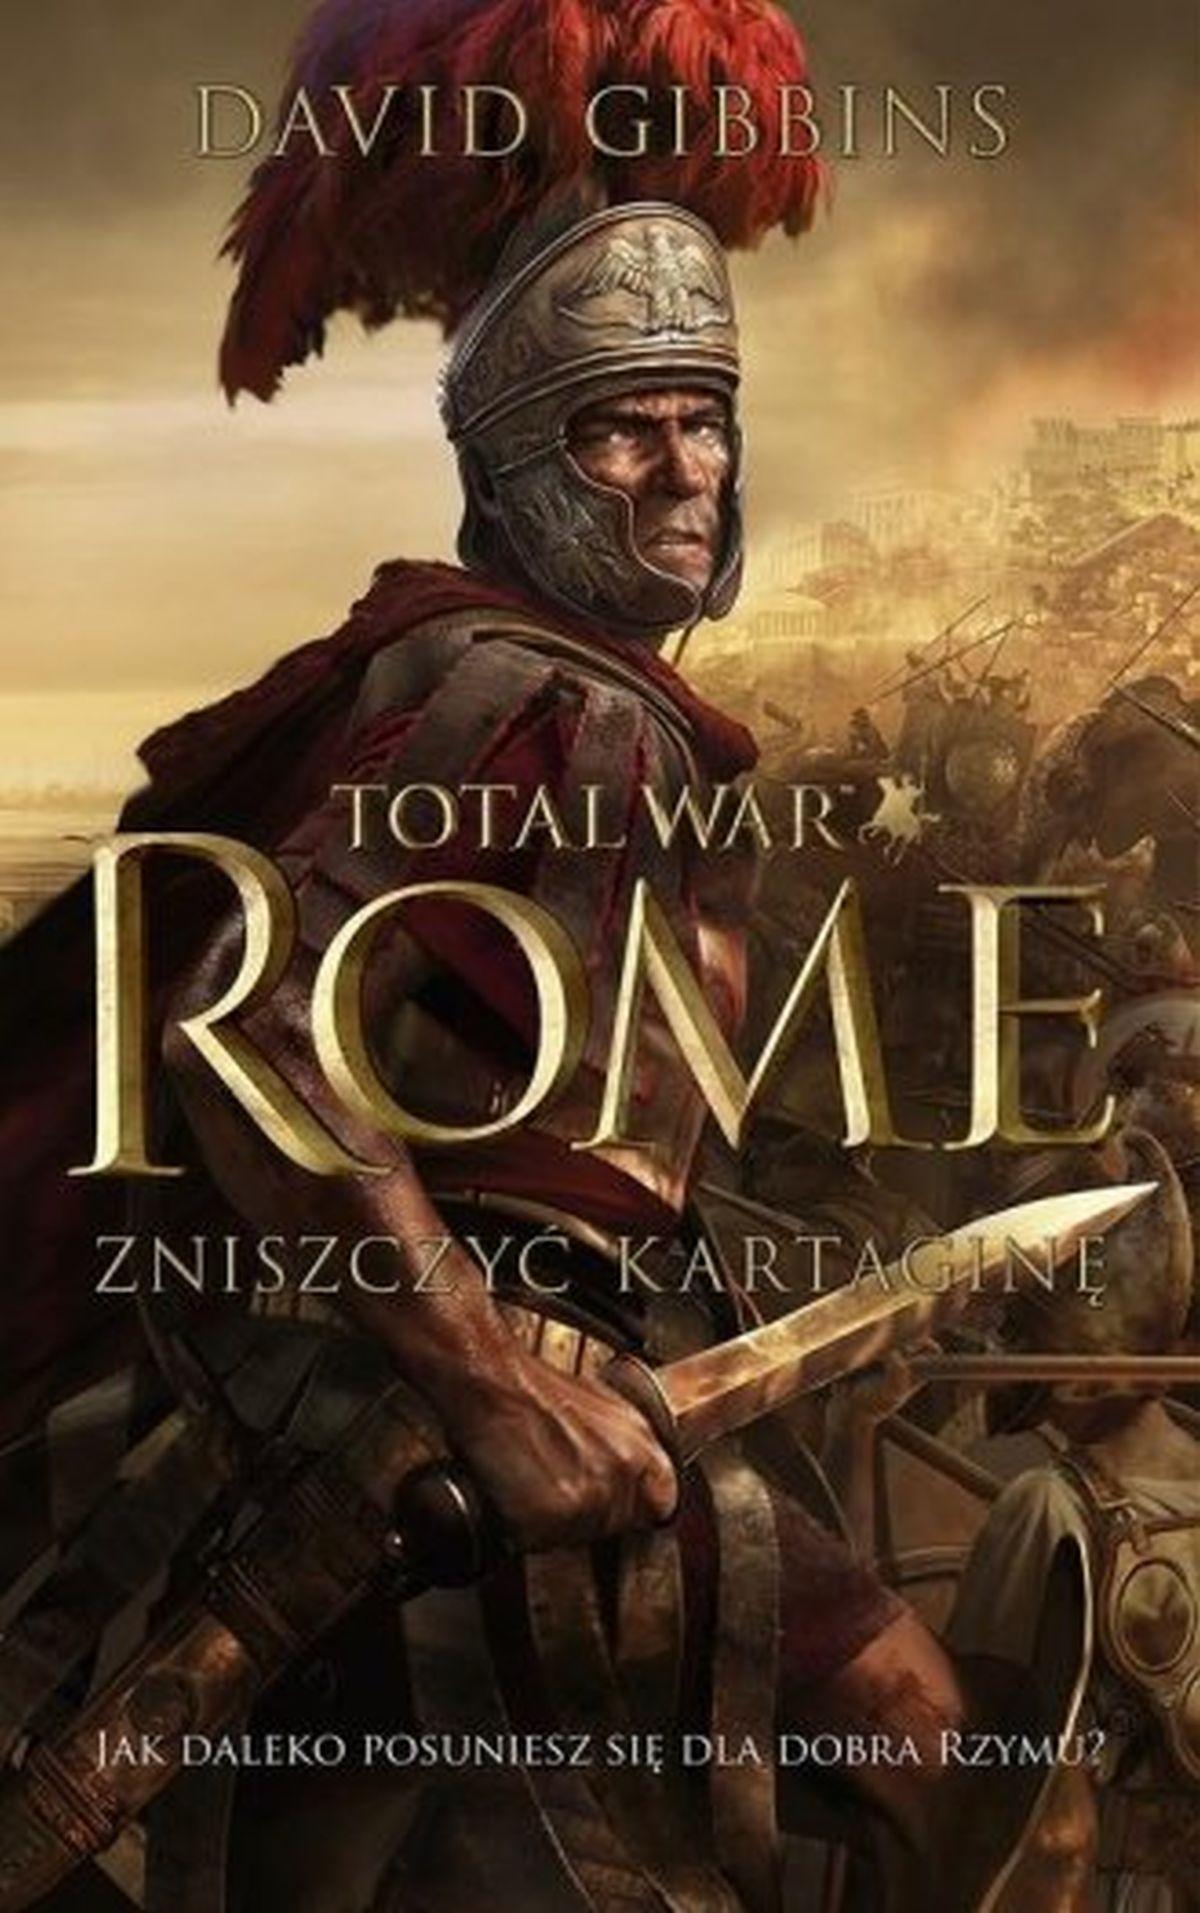 David Gibbins, Total War Rome. Zniszczyć Kartaginę